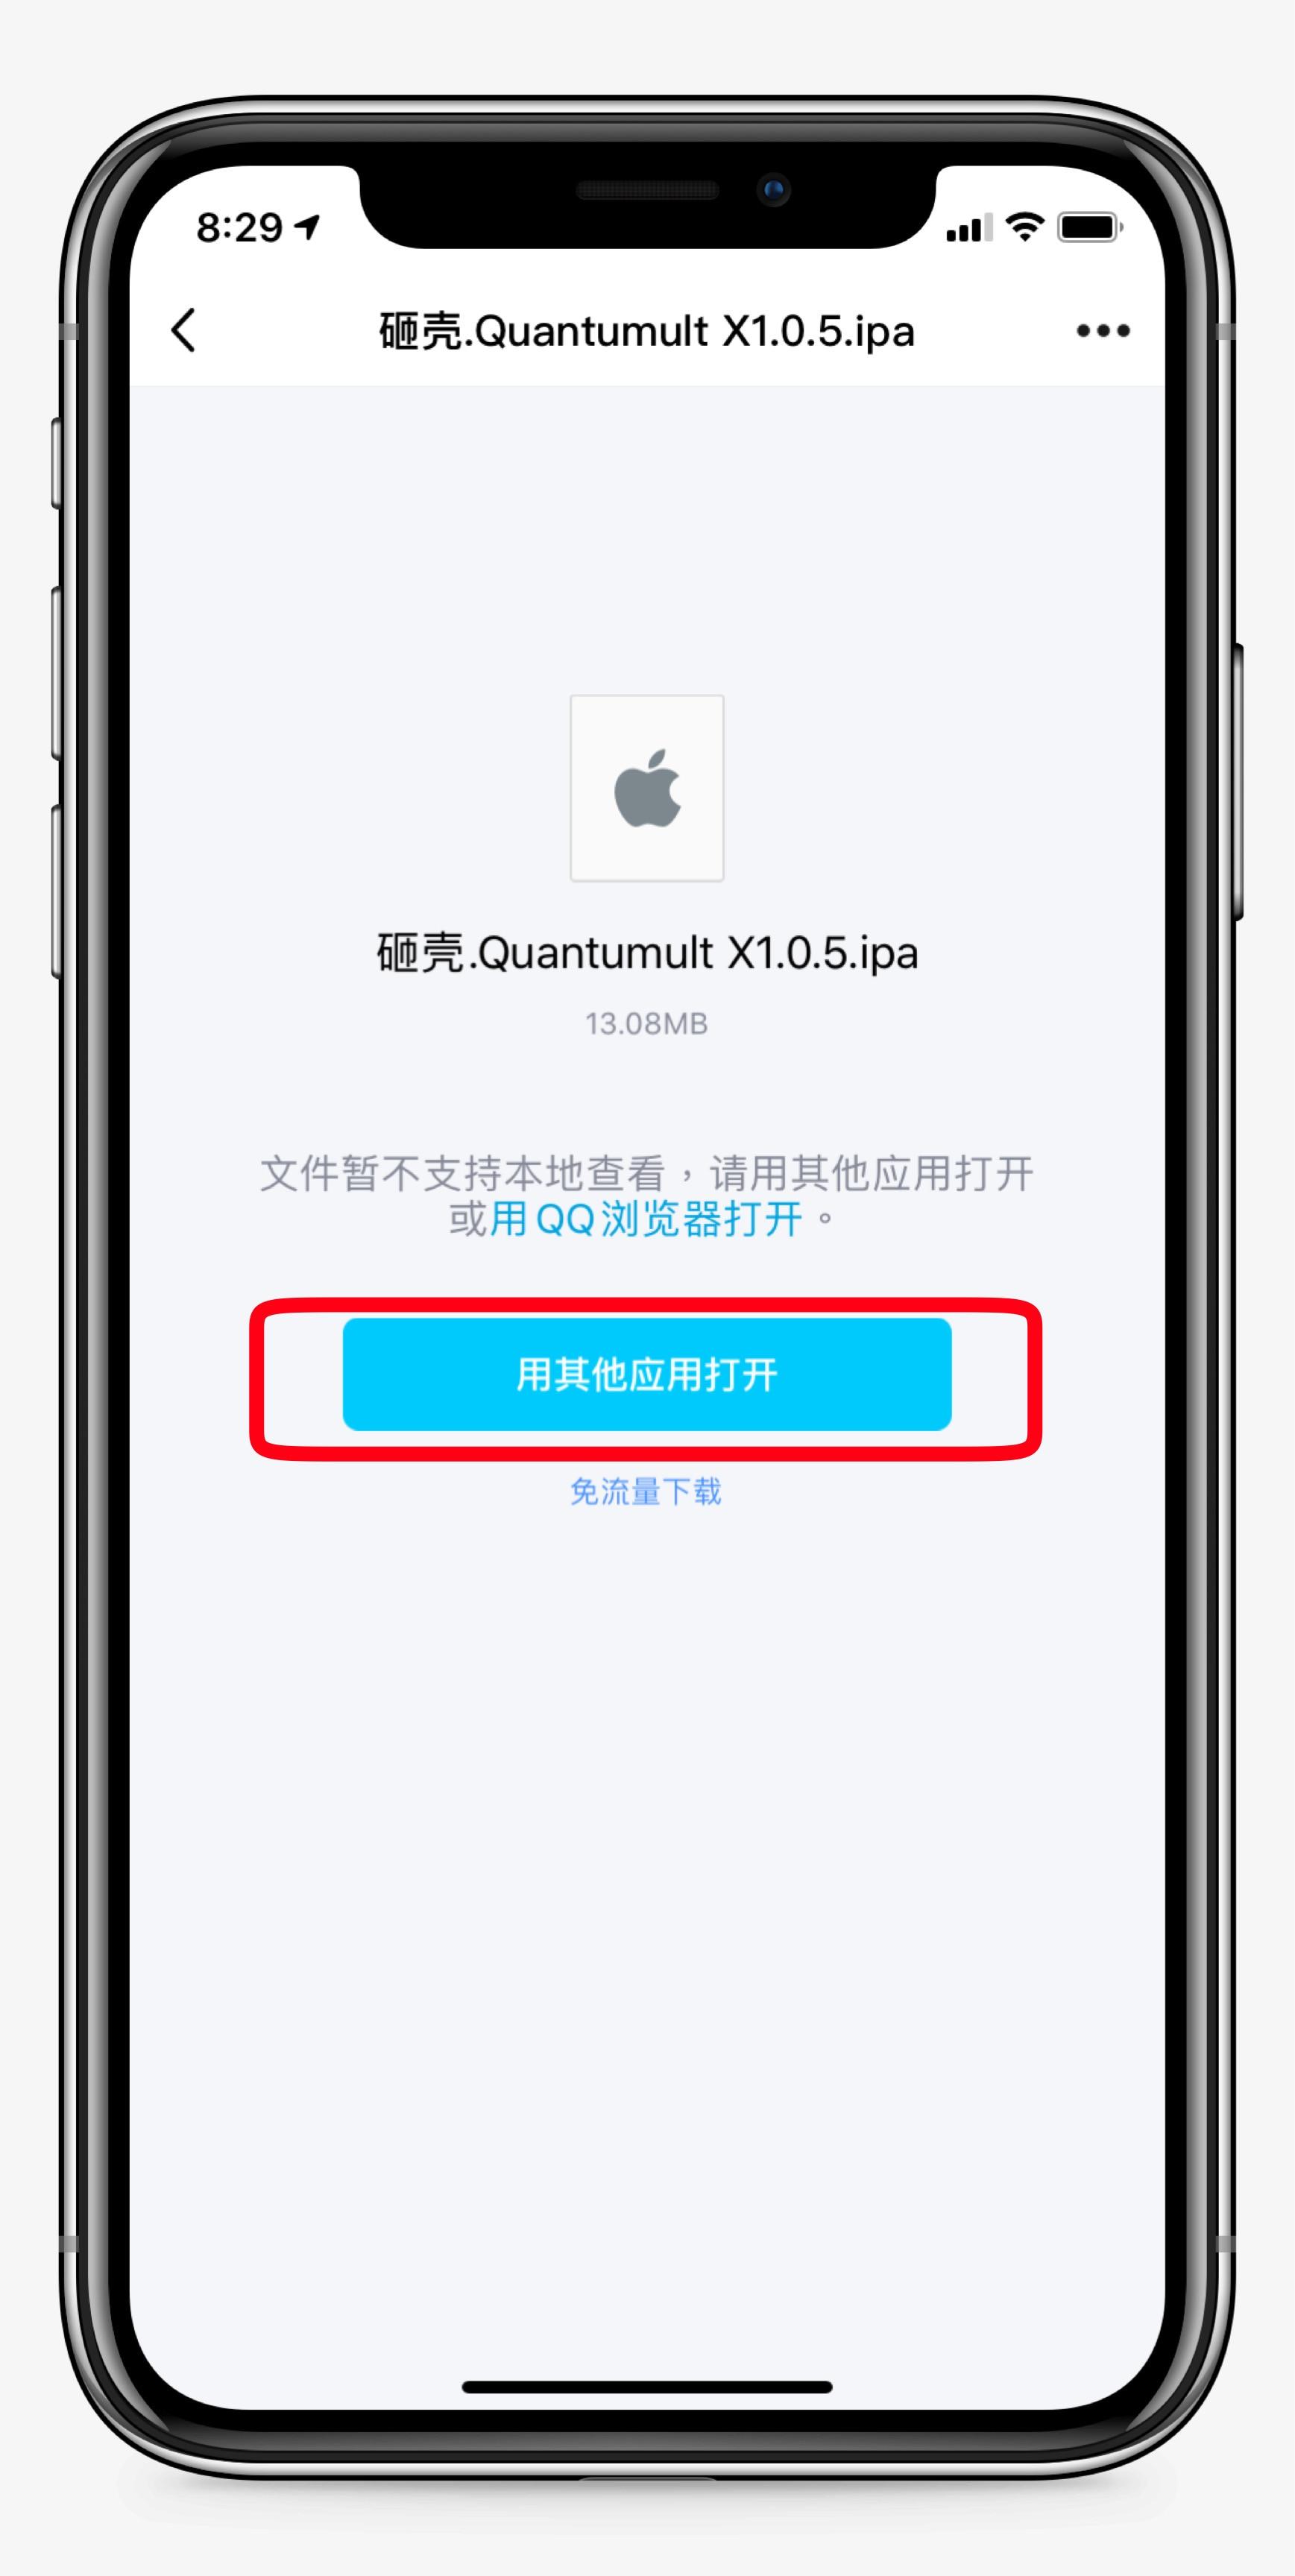 iOS安装软件教程-闪电签证书分享_Joi博客文章